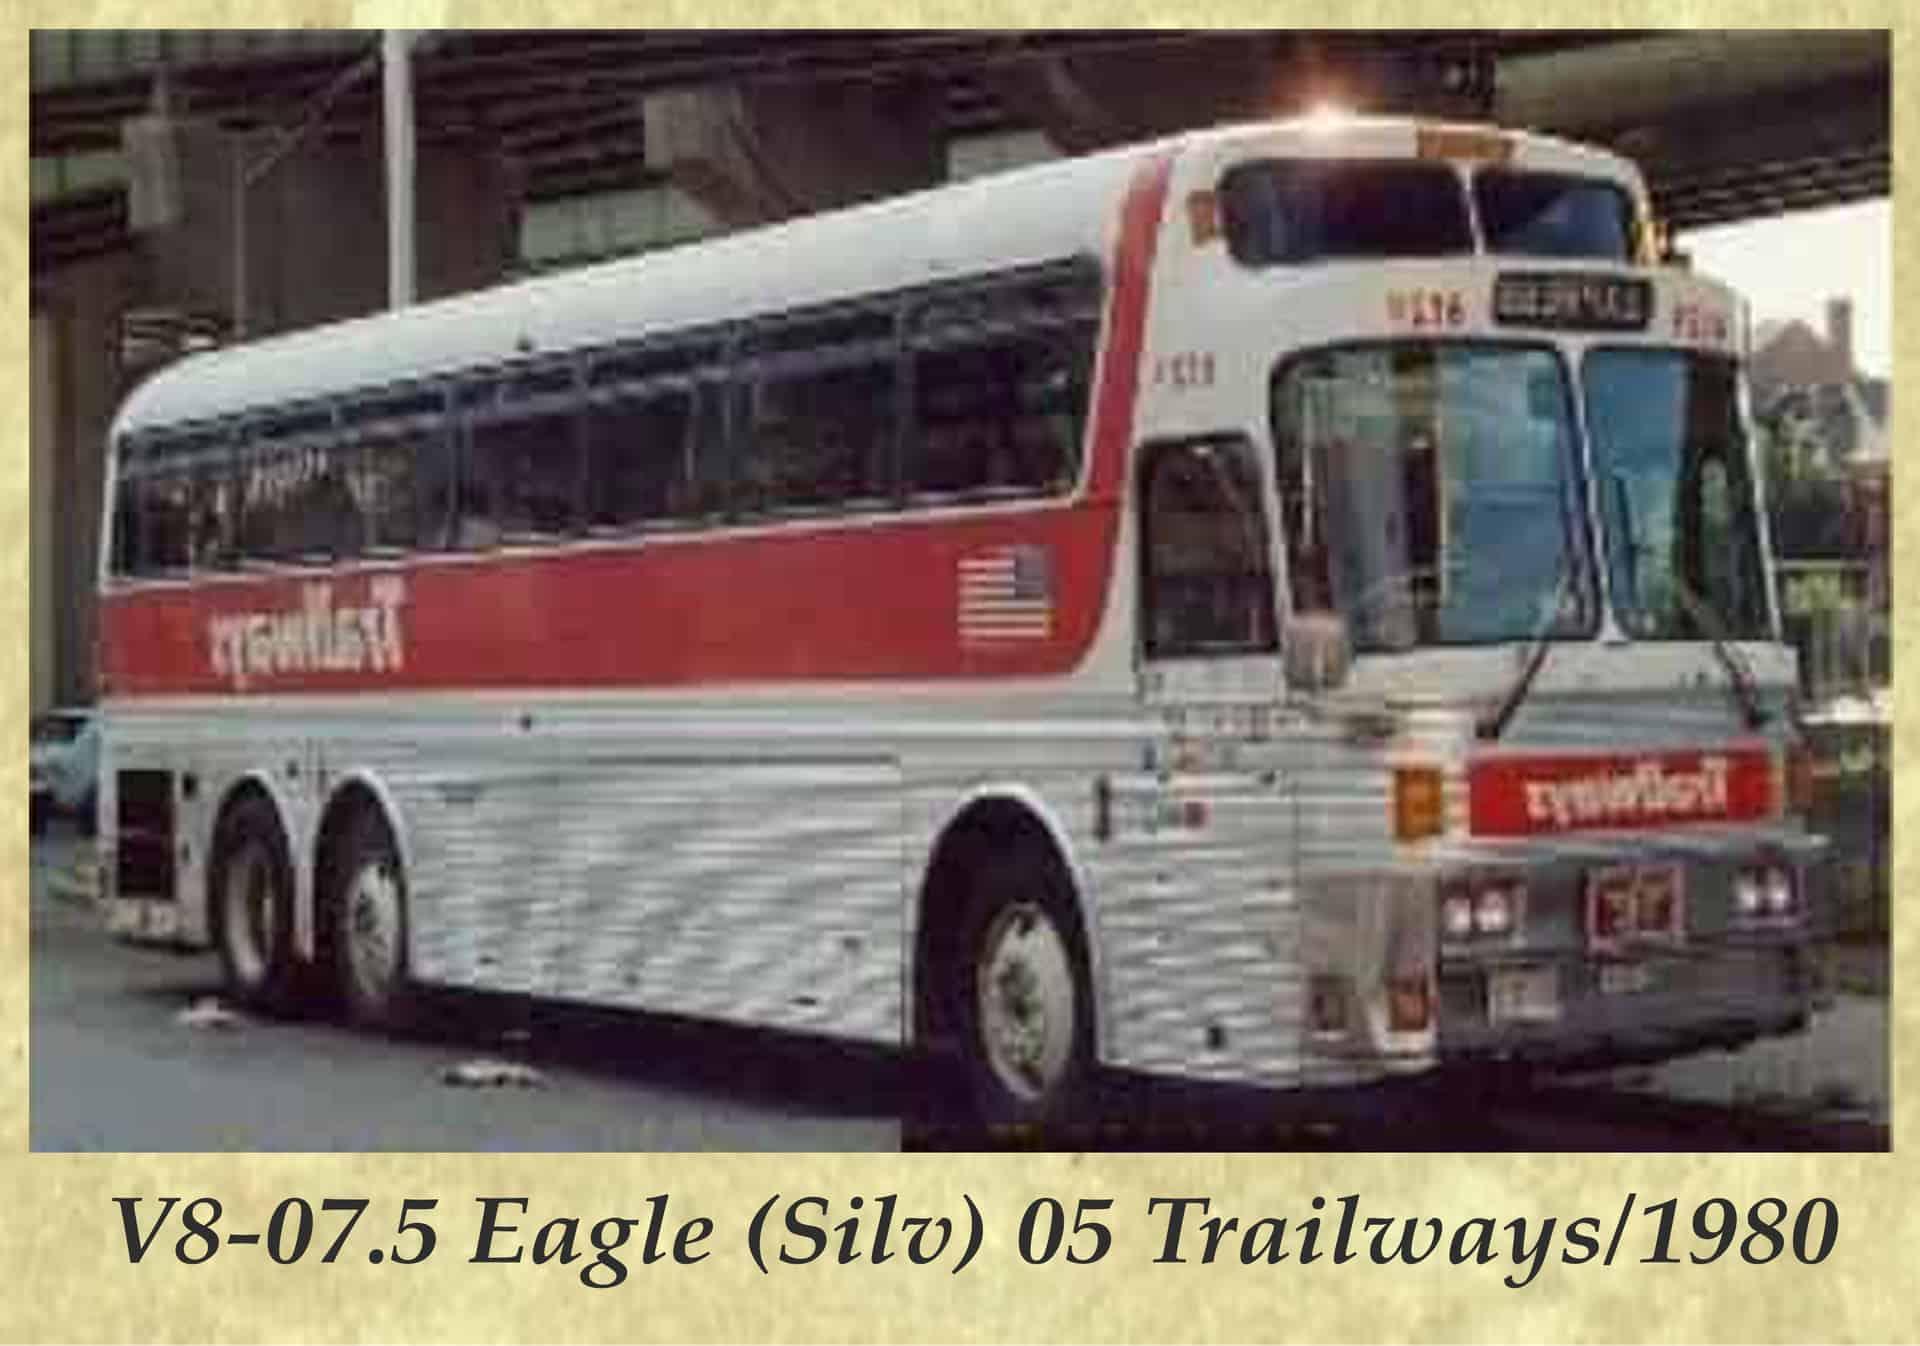 V8-07.5 Eagle (Silv) 05 Trailways 1980